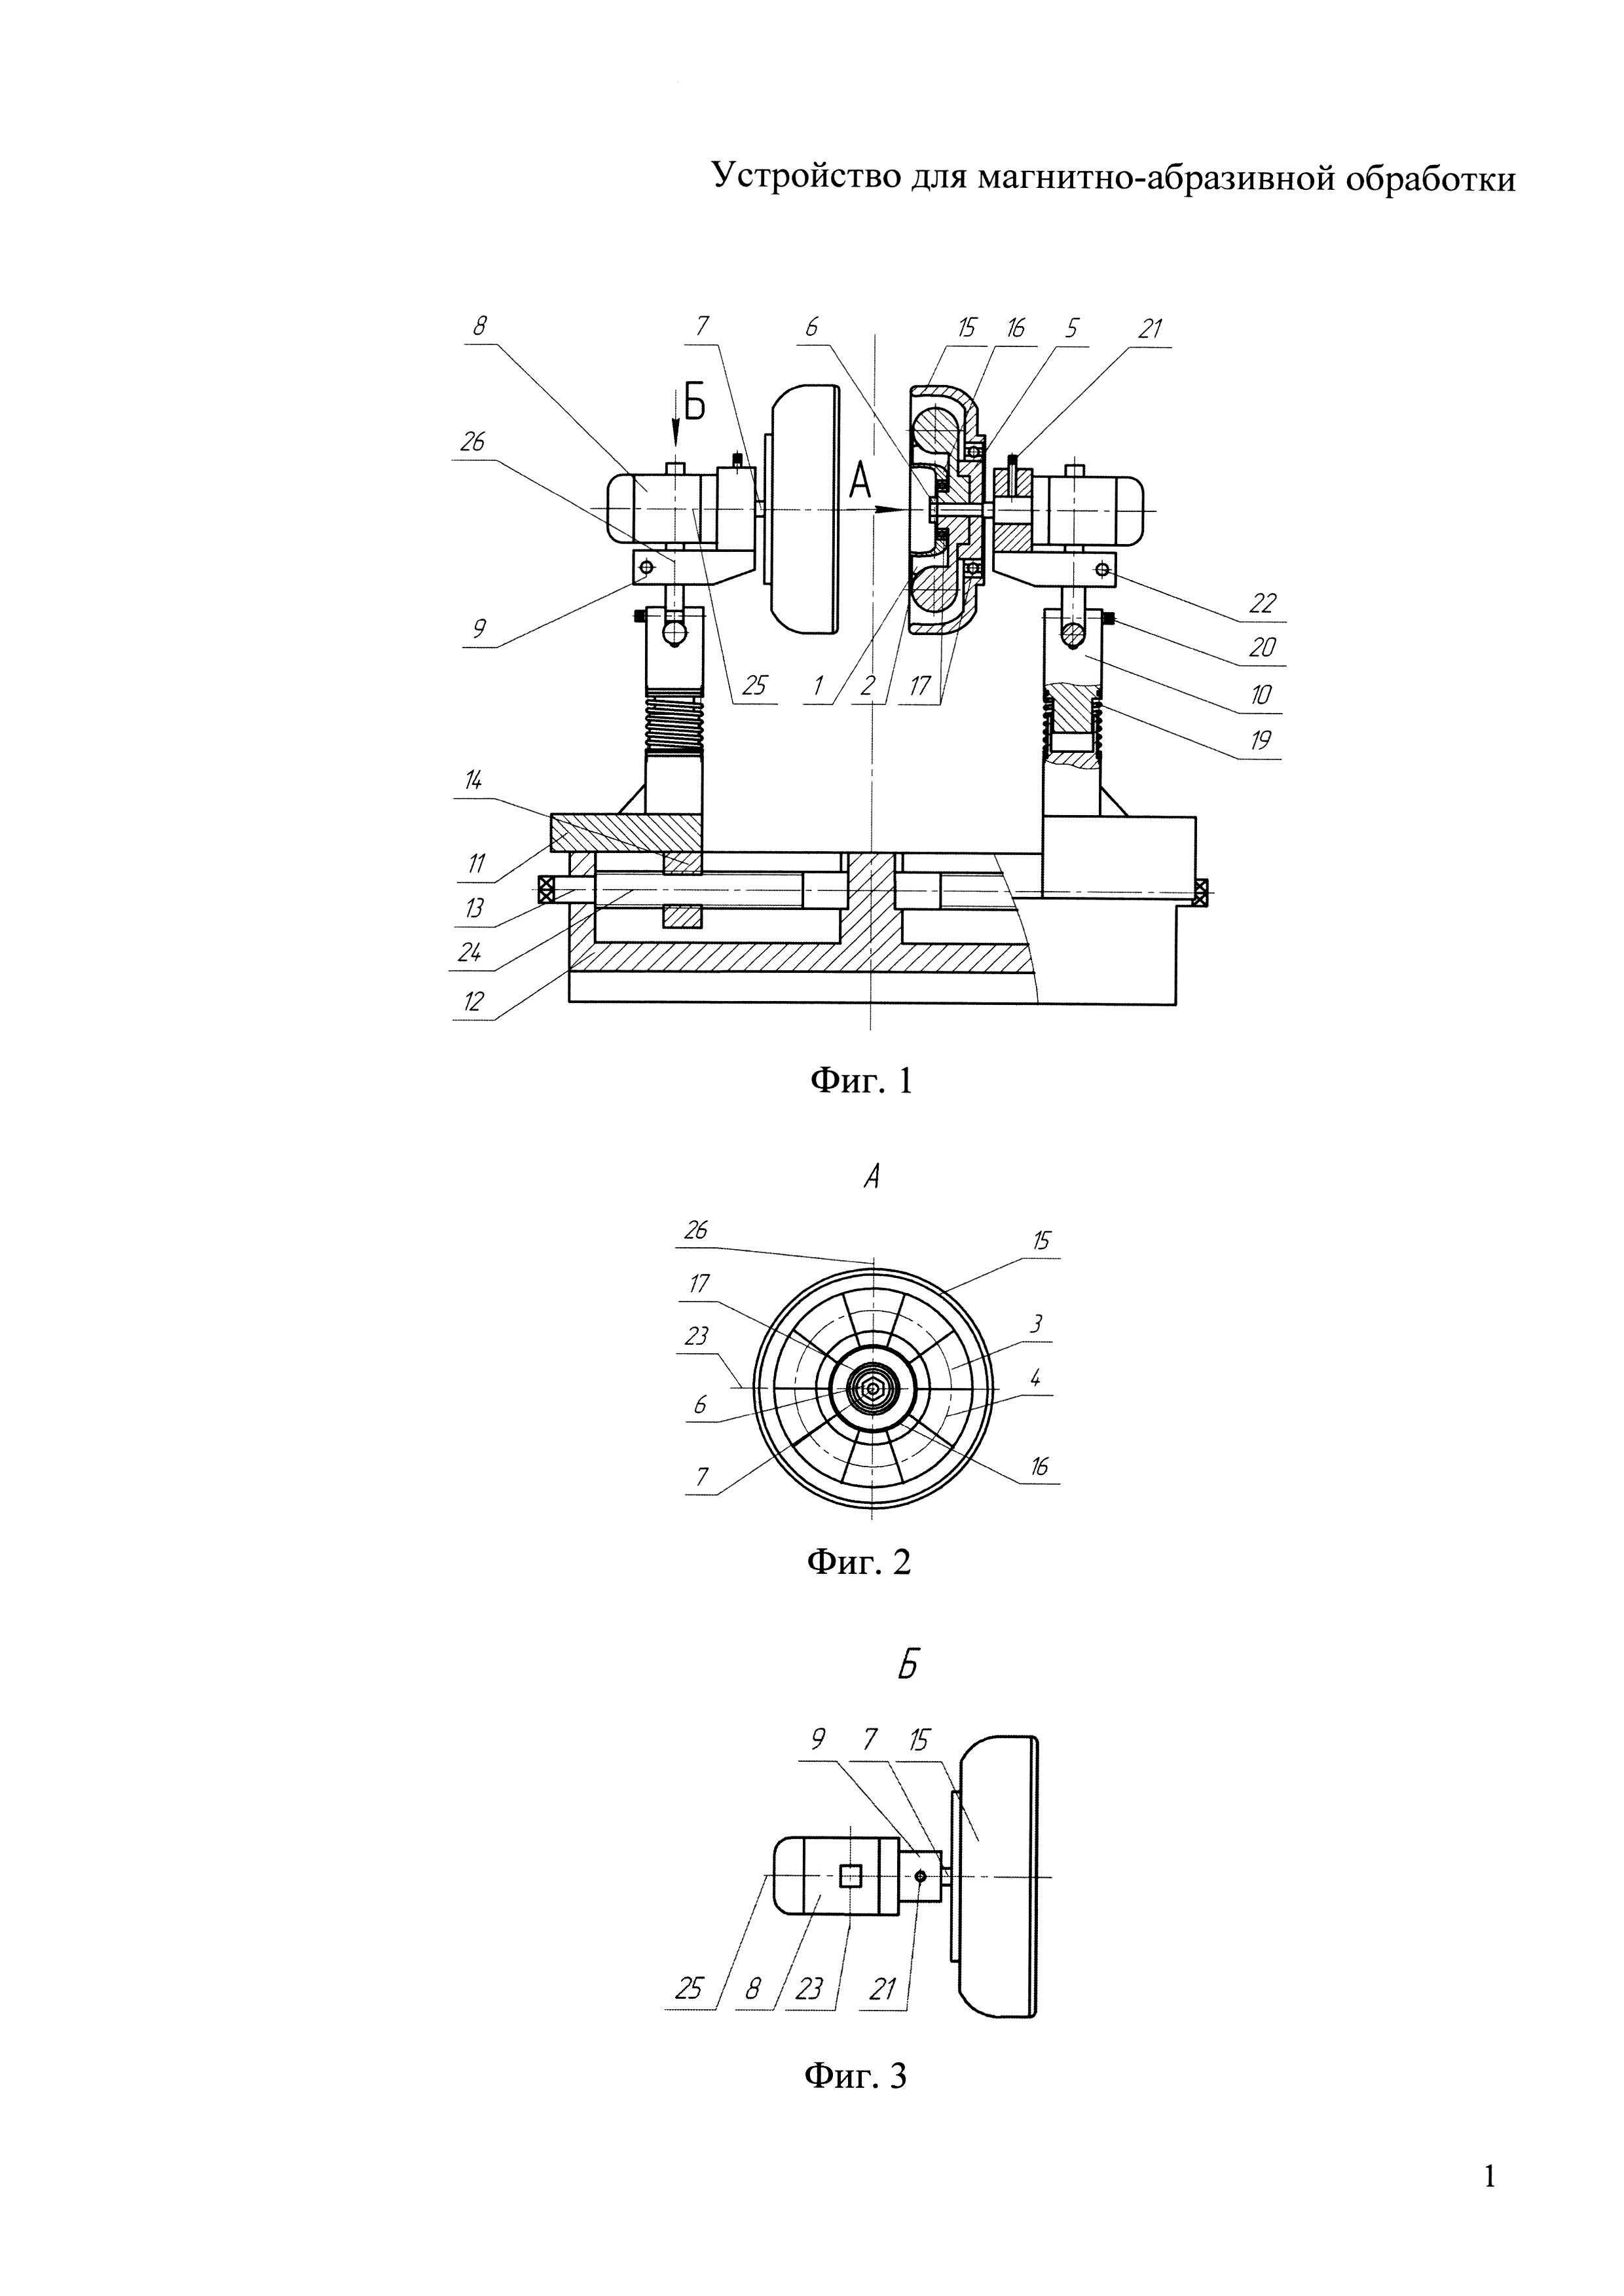 Устройство для магнитно-абразивной обработки